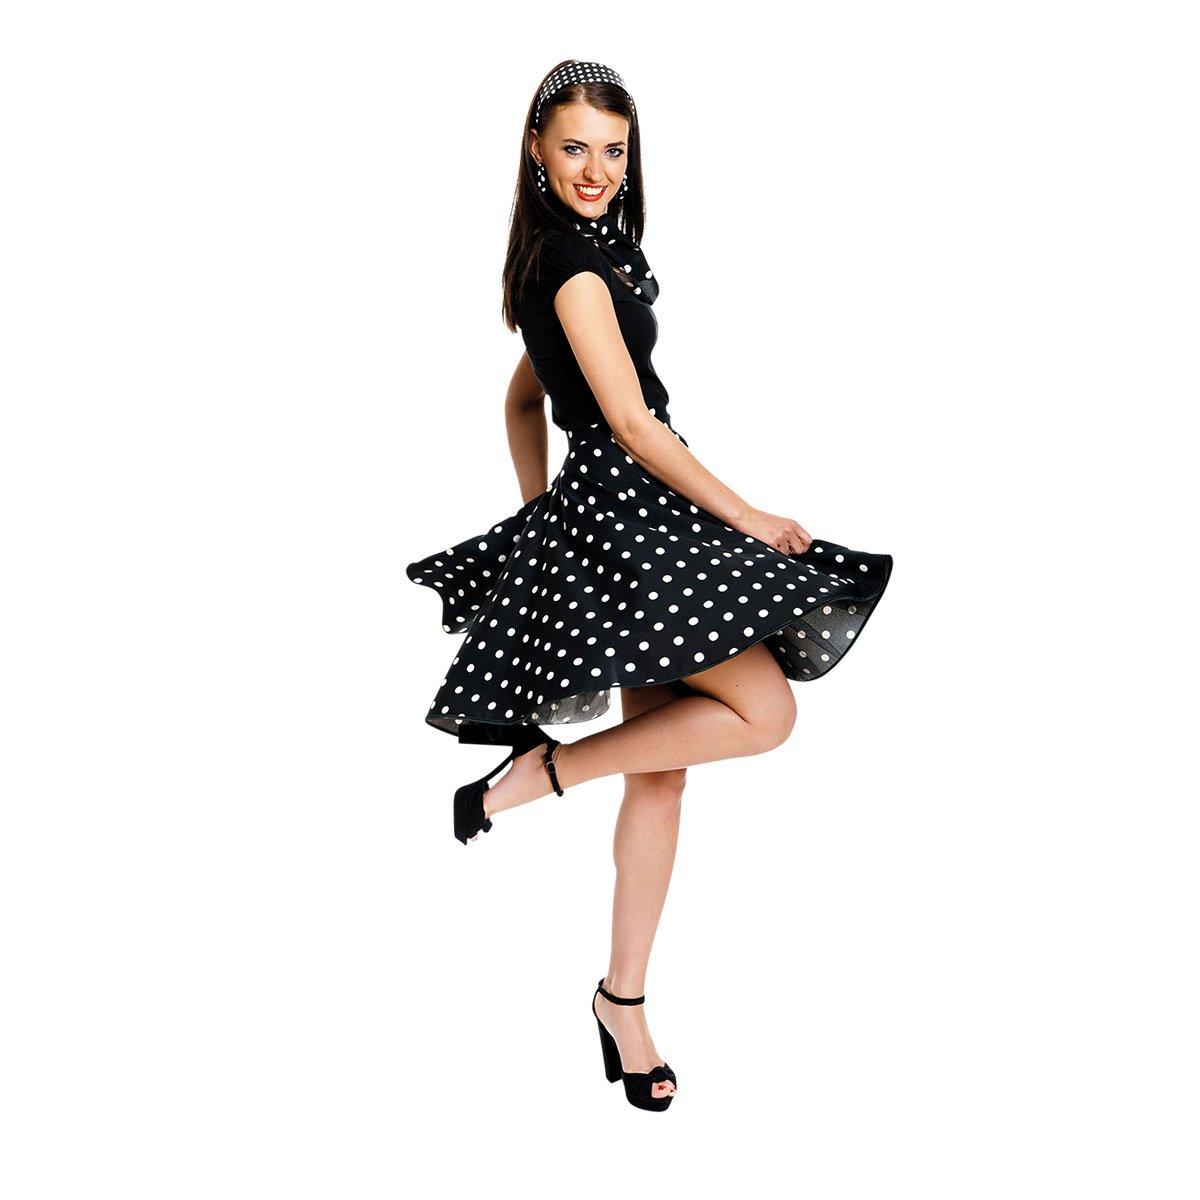 c9ec5b35e2ff Kostümplanet® Rock-n Roll Rock Kostüm schwarz weiß gepunkteter Rock  knielang mit passendem Schal Halstuch Tellerrock 50er Jahre Stil Mode  Kostüm ...